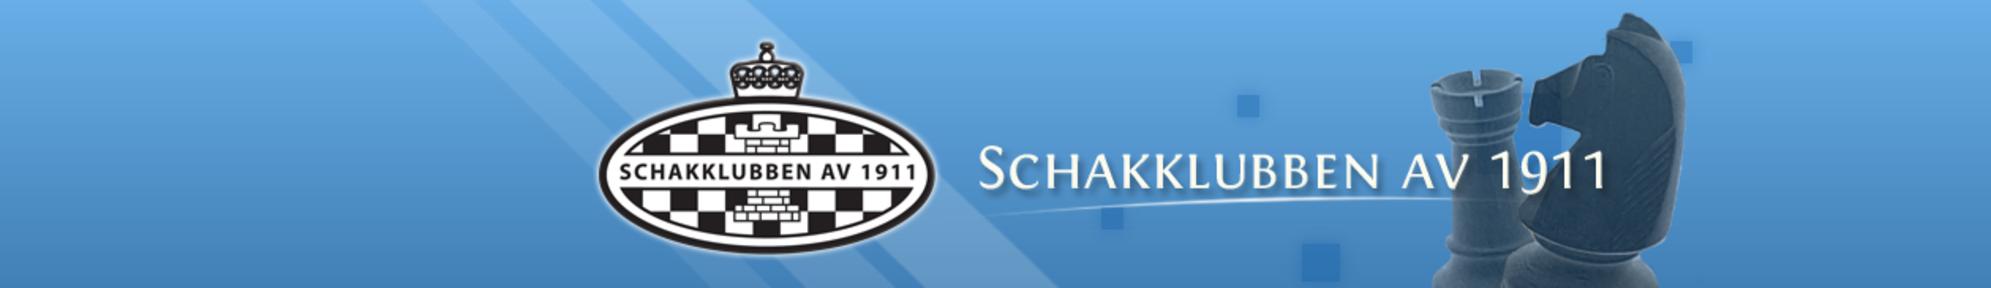 Schakklubben av 1911